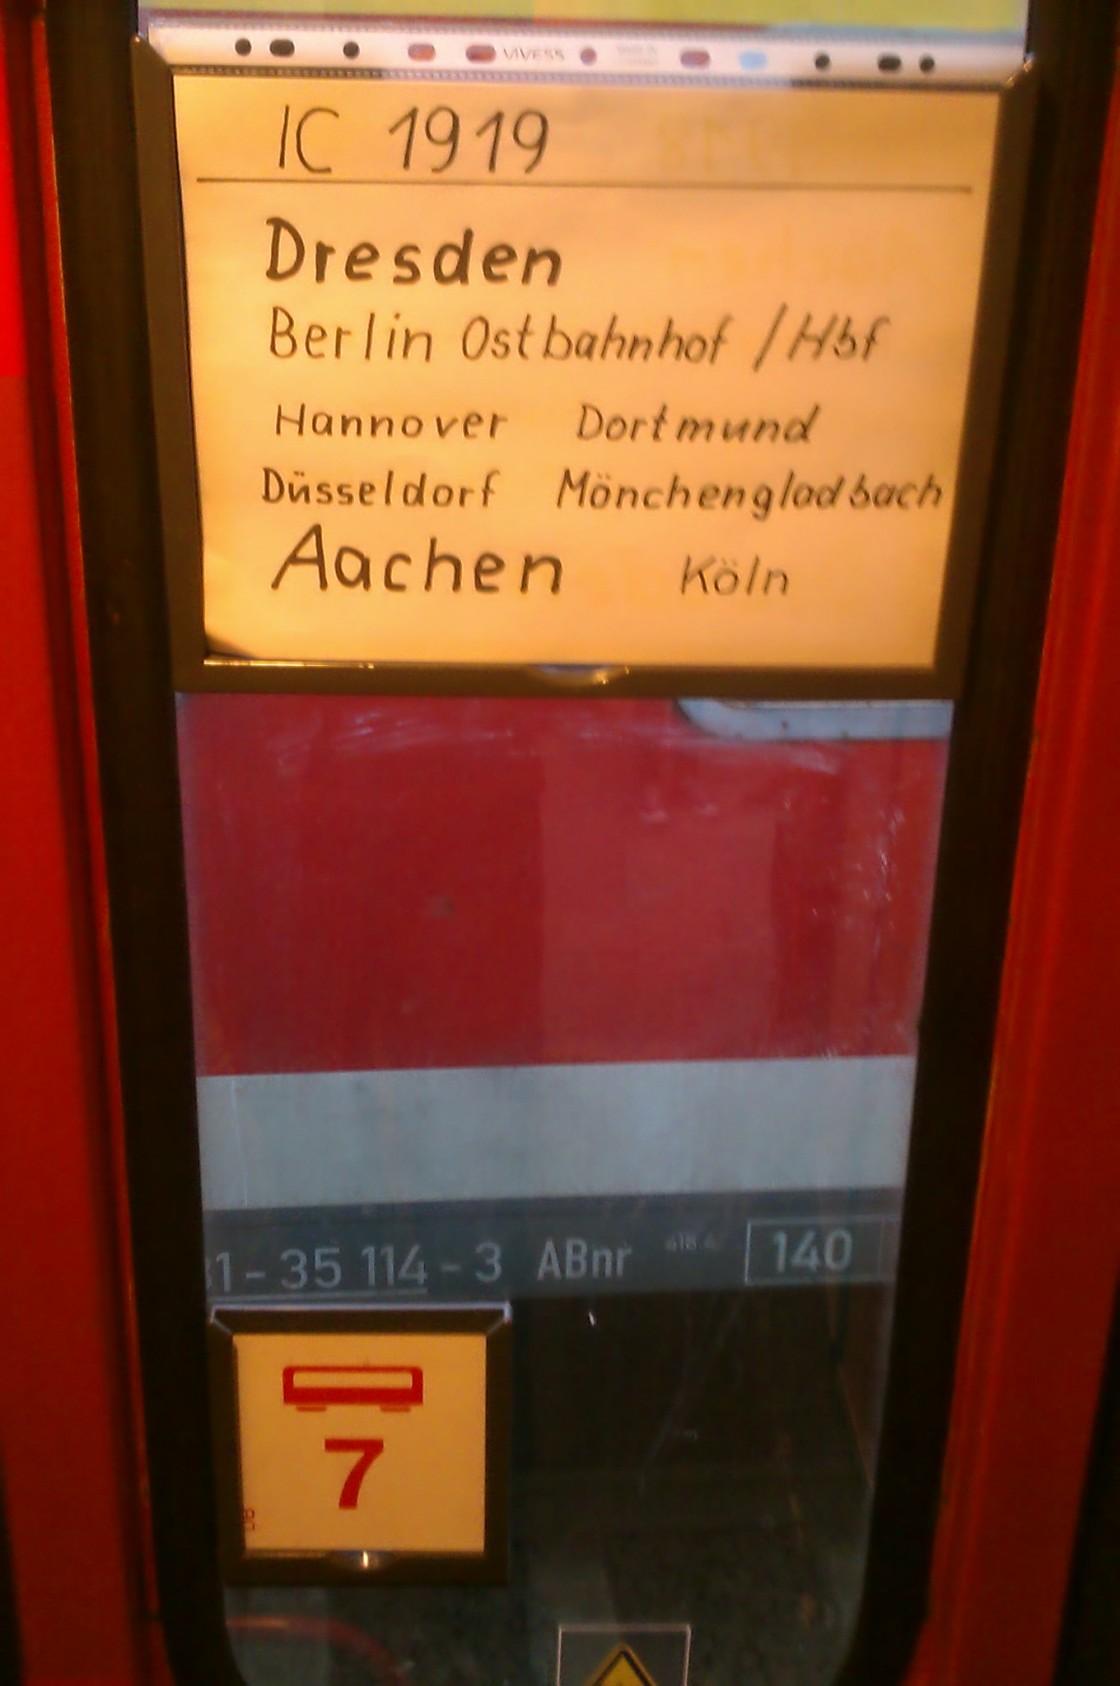 Wahrscheinlich hat der Comedy-Schaffner auch die Route aufgeschrieben: Von Dresden nach Mönchengladbach!